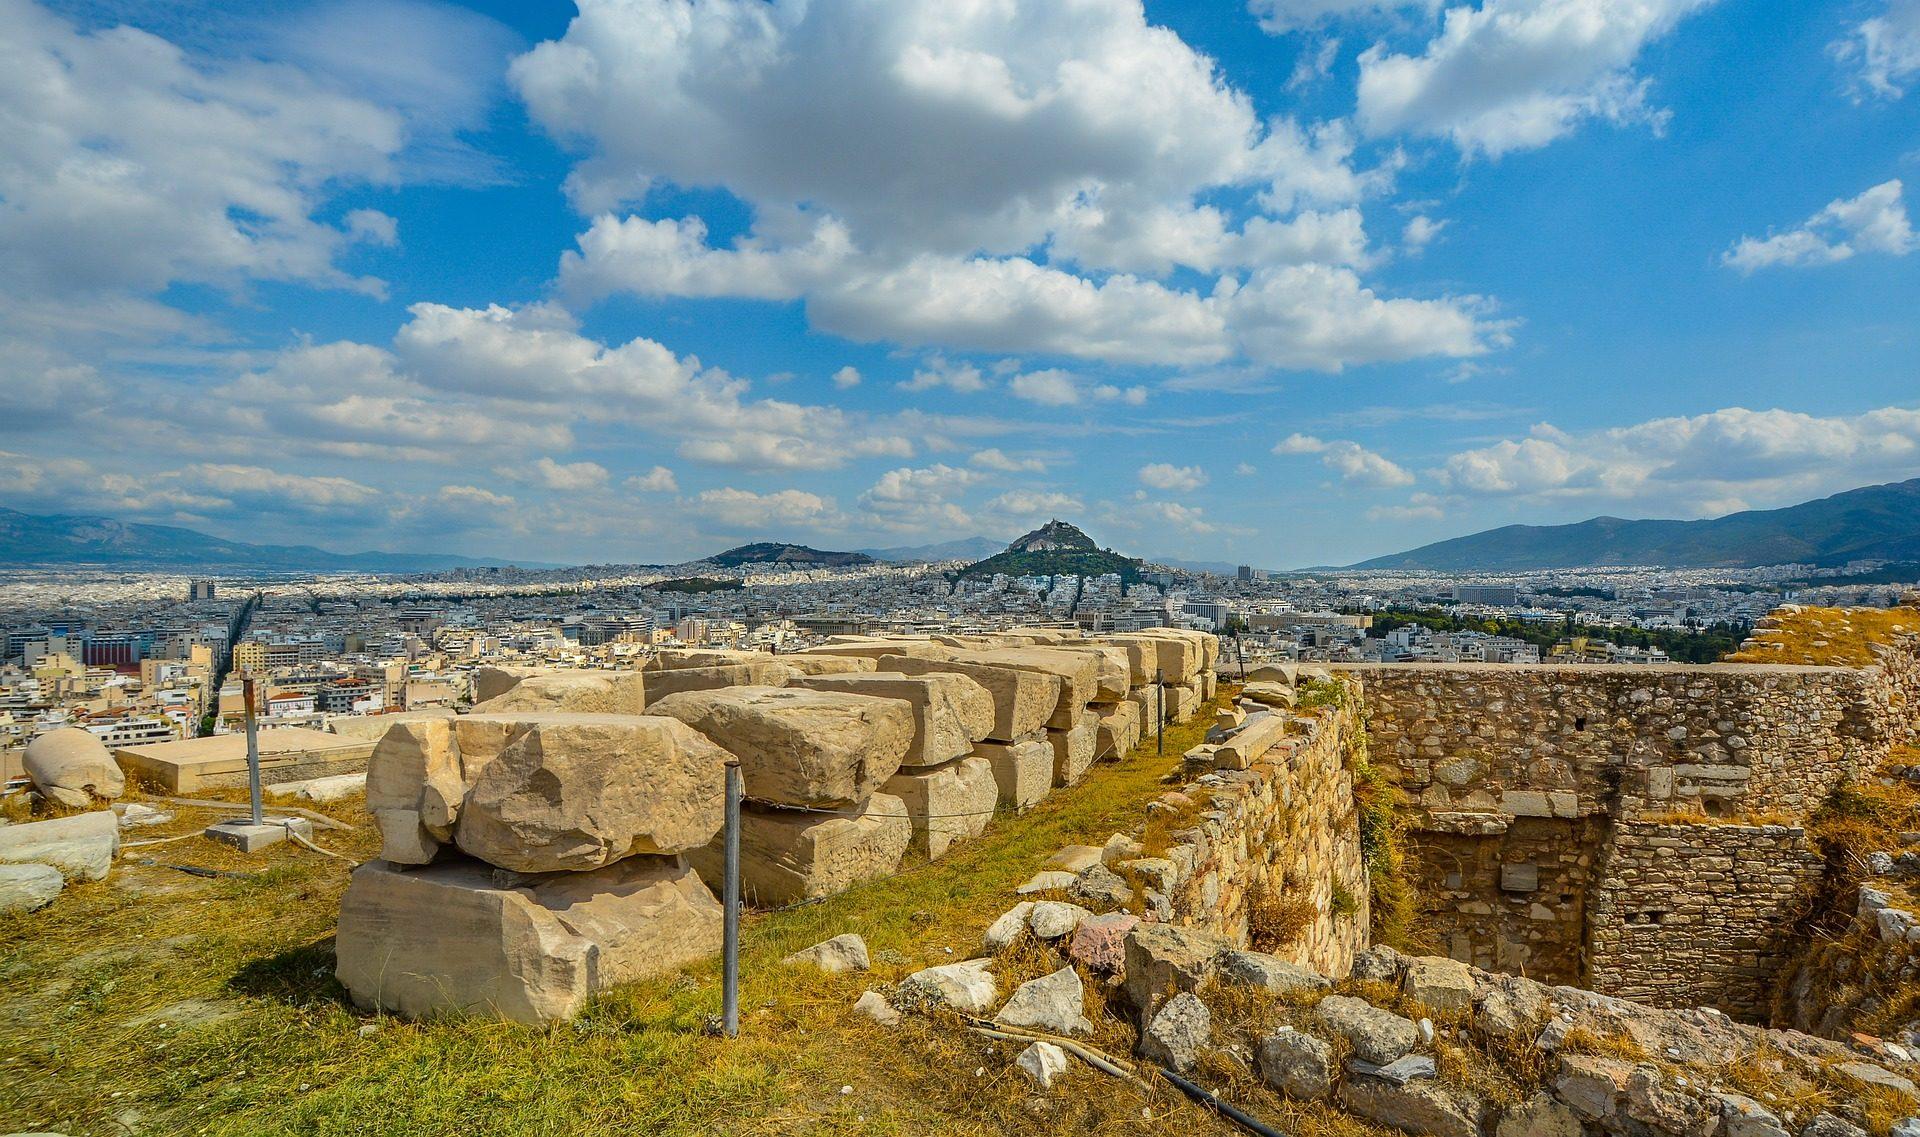 遺跡, 市, 古い, アクロポリス, 寺, アテネ, ギリシャ - HD の壁紙 - 教授-falken.com